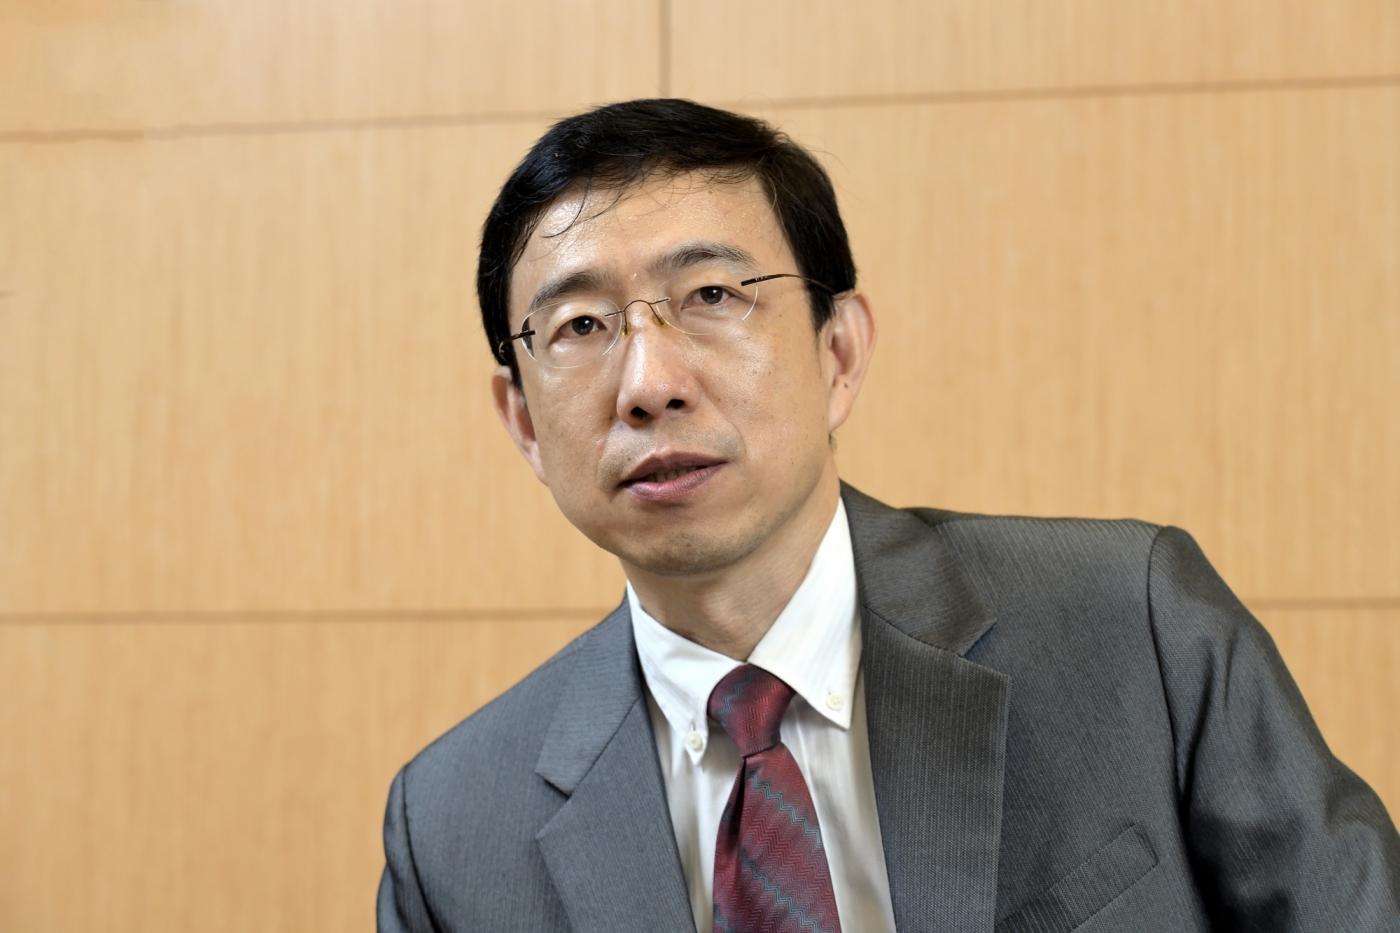 國立臺灣大學EiMBA如同天使投資人 投資人才